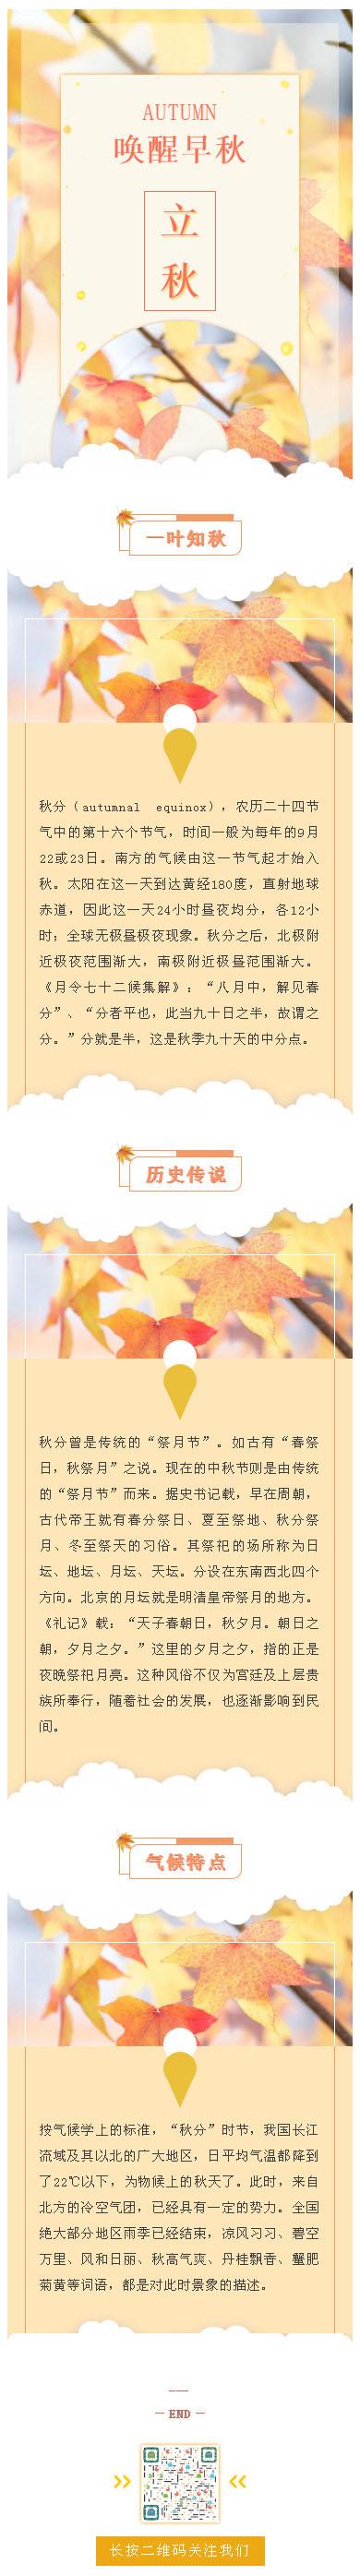 农历二十四节气秋分立秋微信黄色模板公众号推送图文素材推文模板